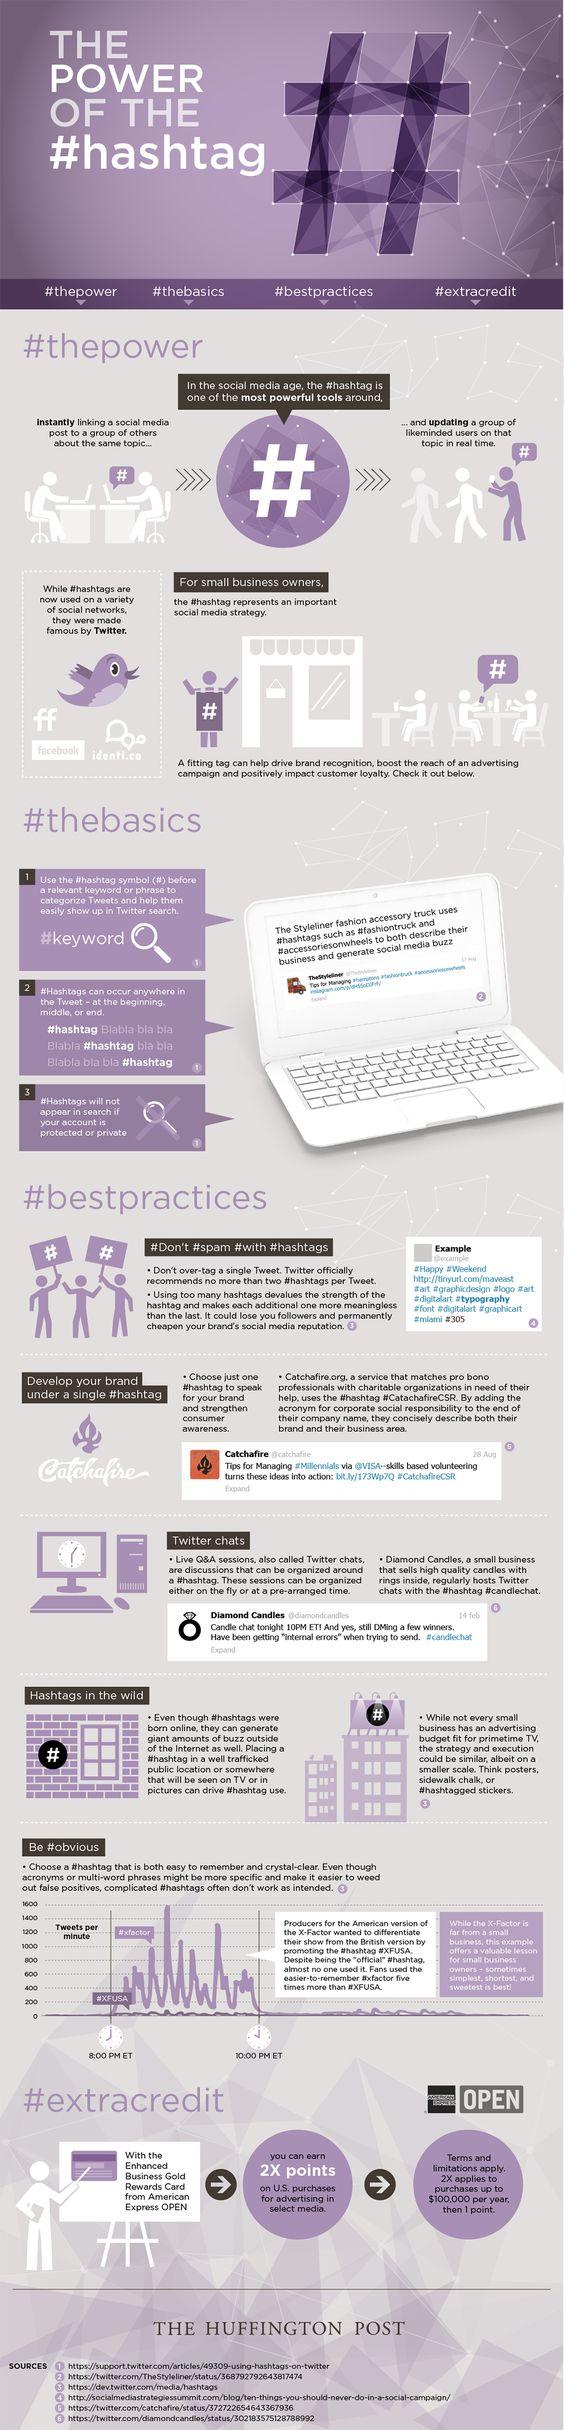 Infografía sobre los mejores hashtags